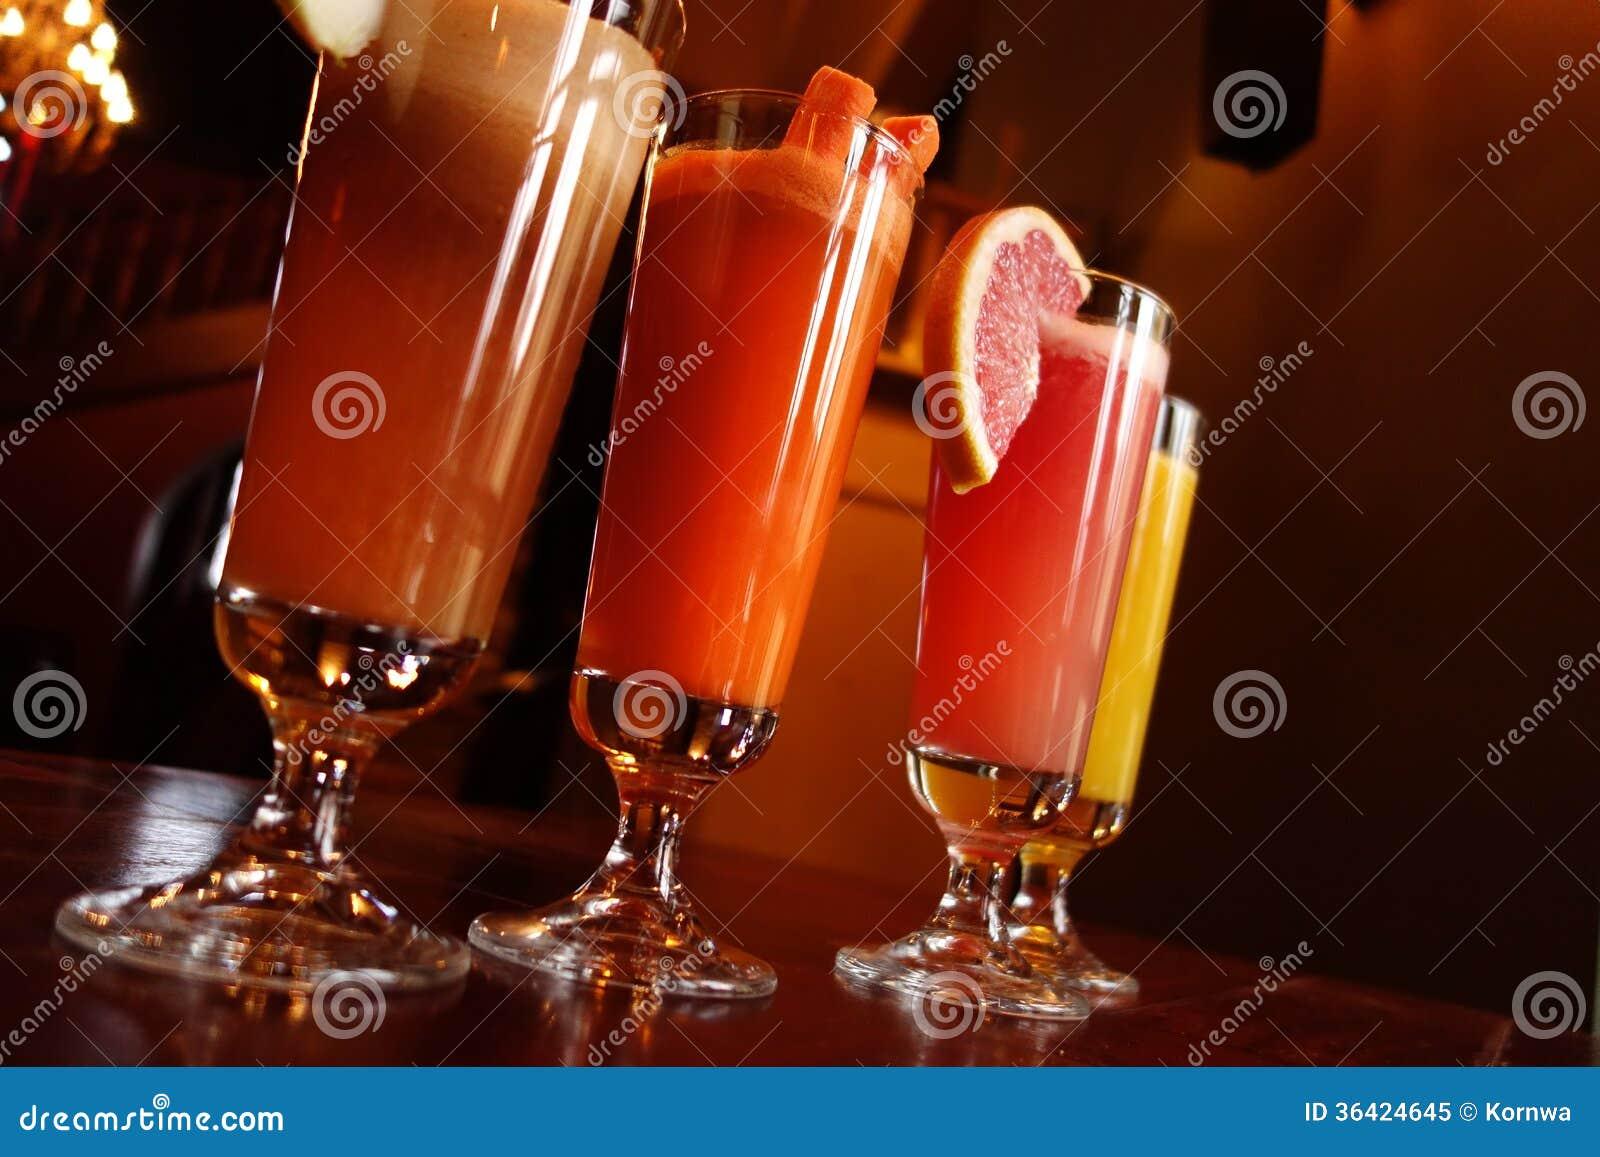 Italienisch Oder Chinesisch - Orientale-Getränke Stockbild - Bild ...